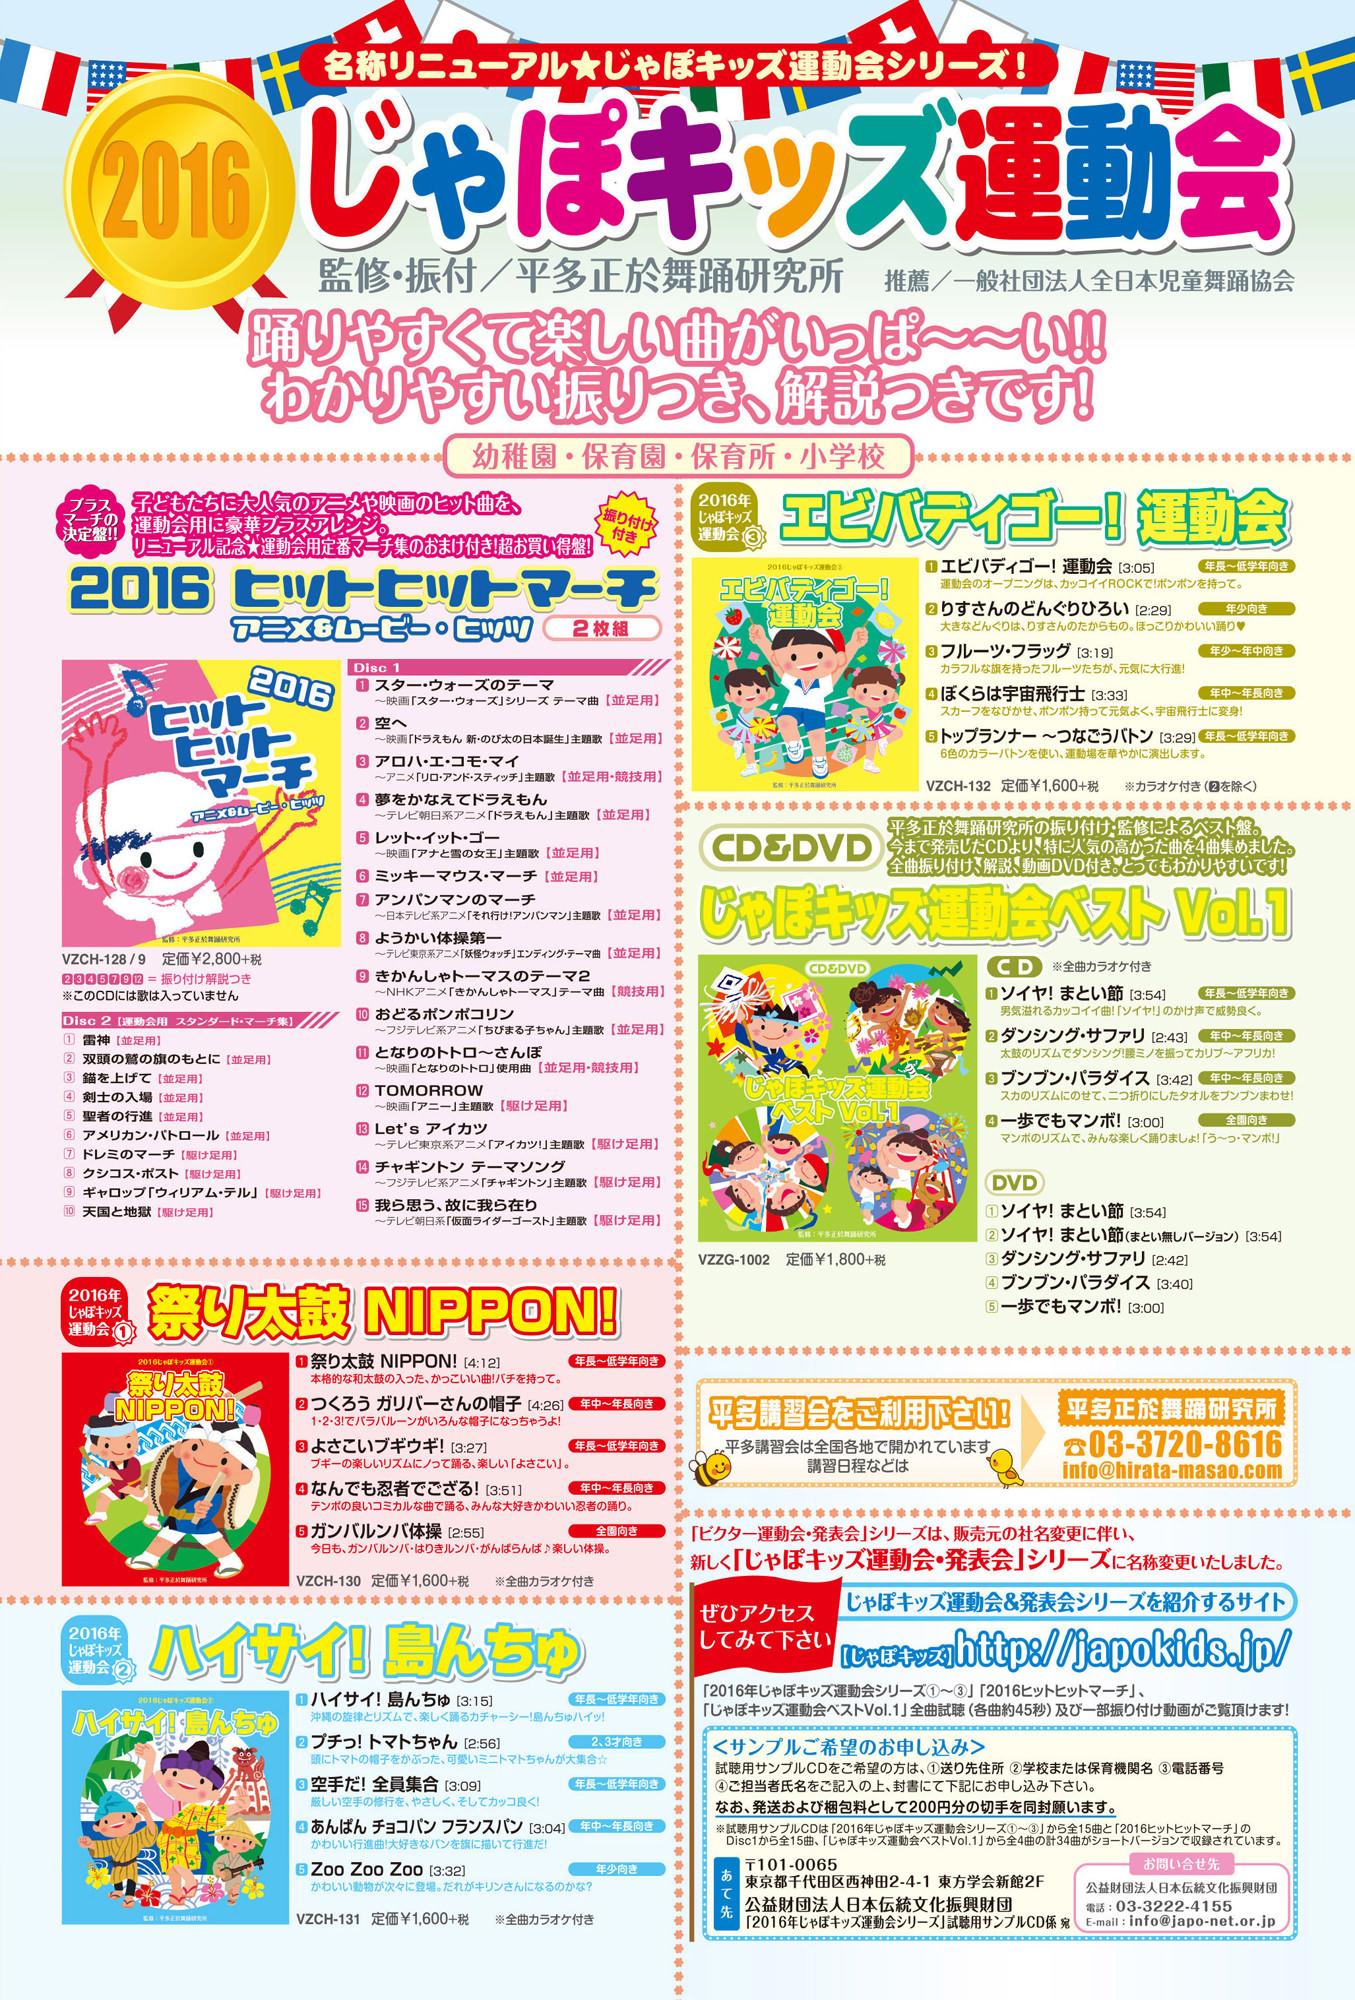 0314_2016じゃぽキッズ運動会_チラシ